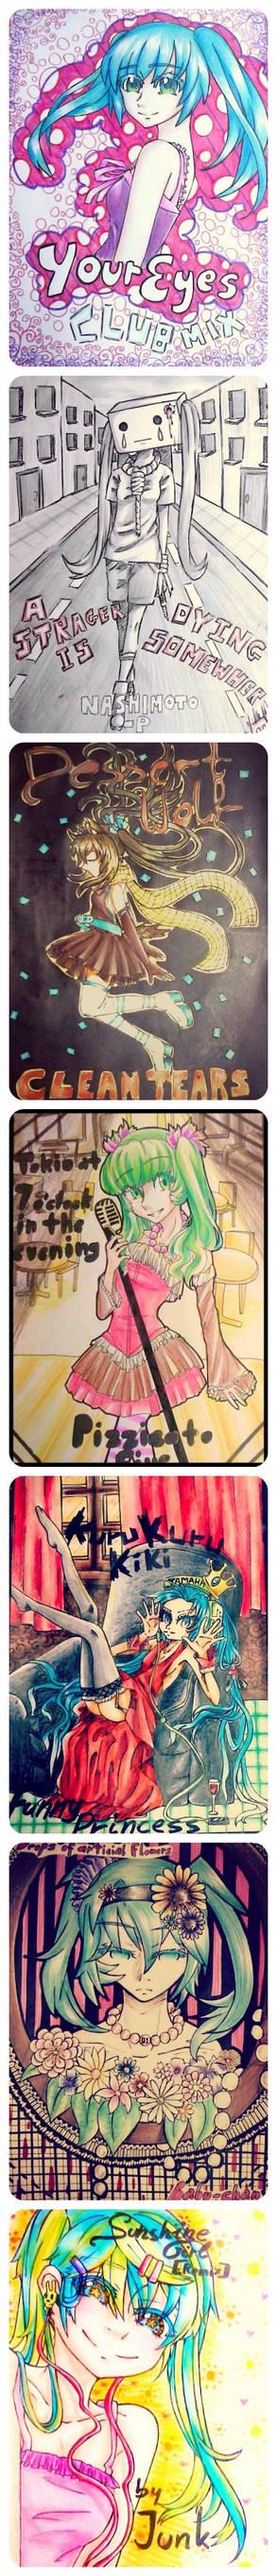 Hatsune Miku-May songs challenge!